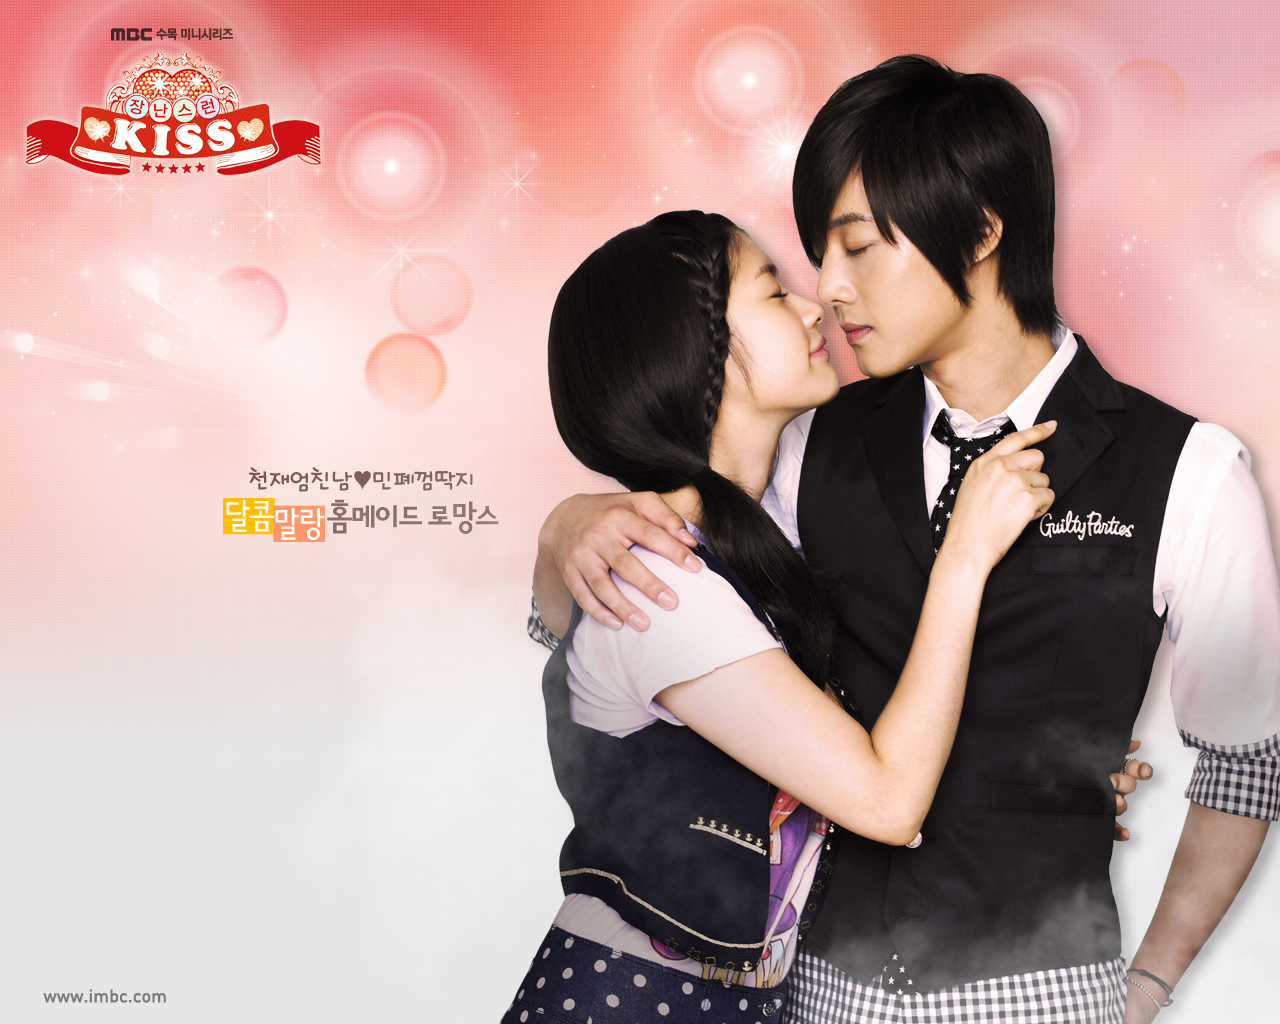 Playful kiss yoon seung ah dating 4